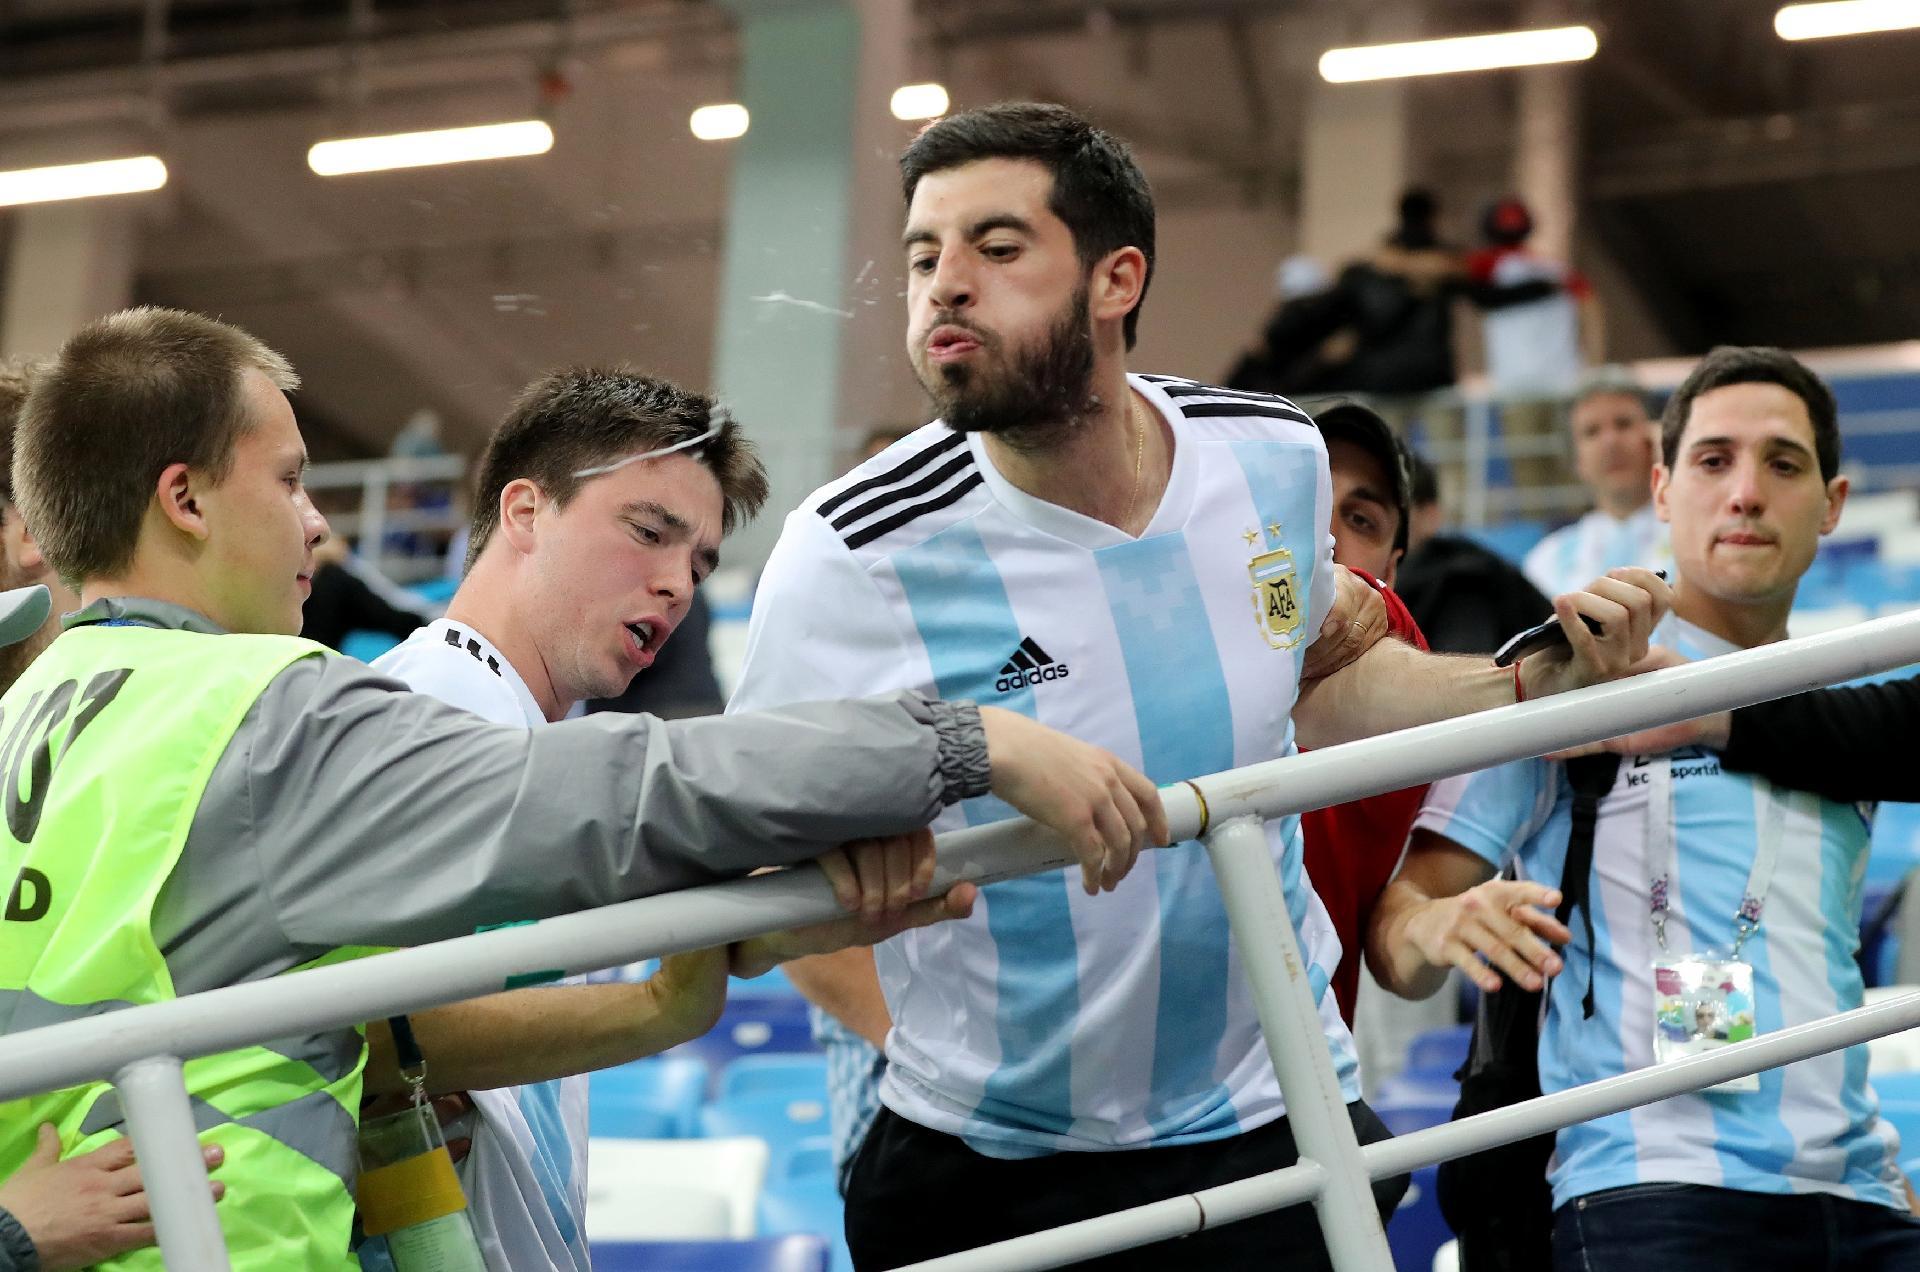 Argentina na Copa 2018  Argentinos se revoltam com Sampaoli e cospem em  direção ao campo - UOL Copa do Mundo 2018 3d8d1499d4